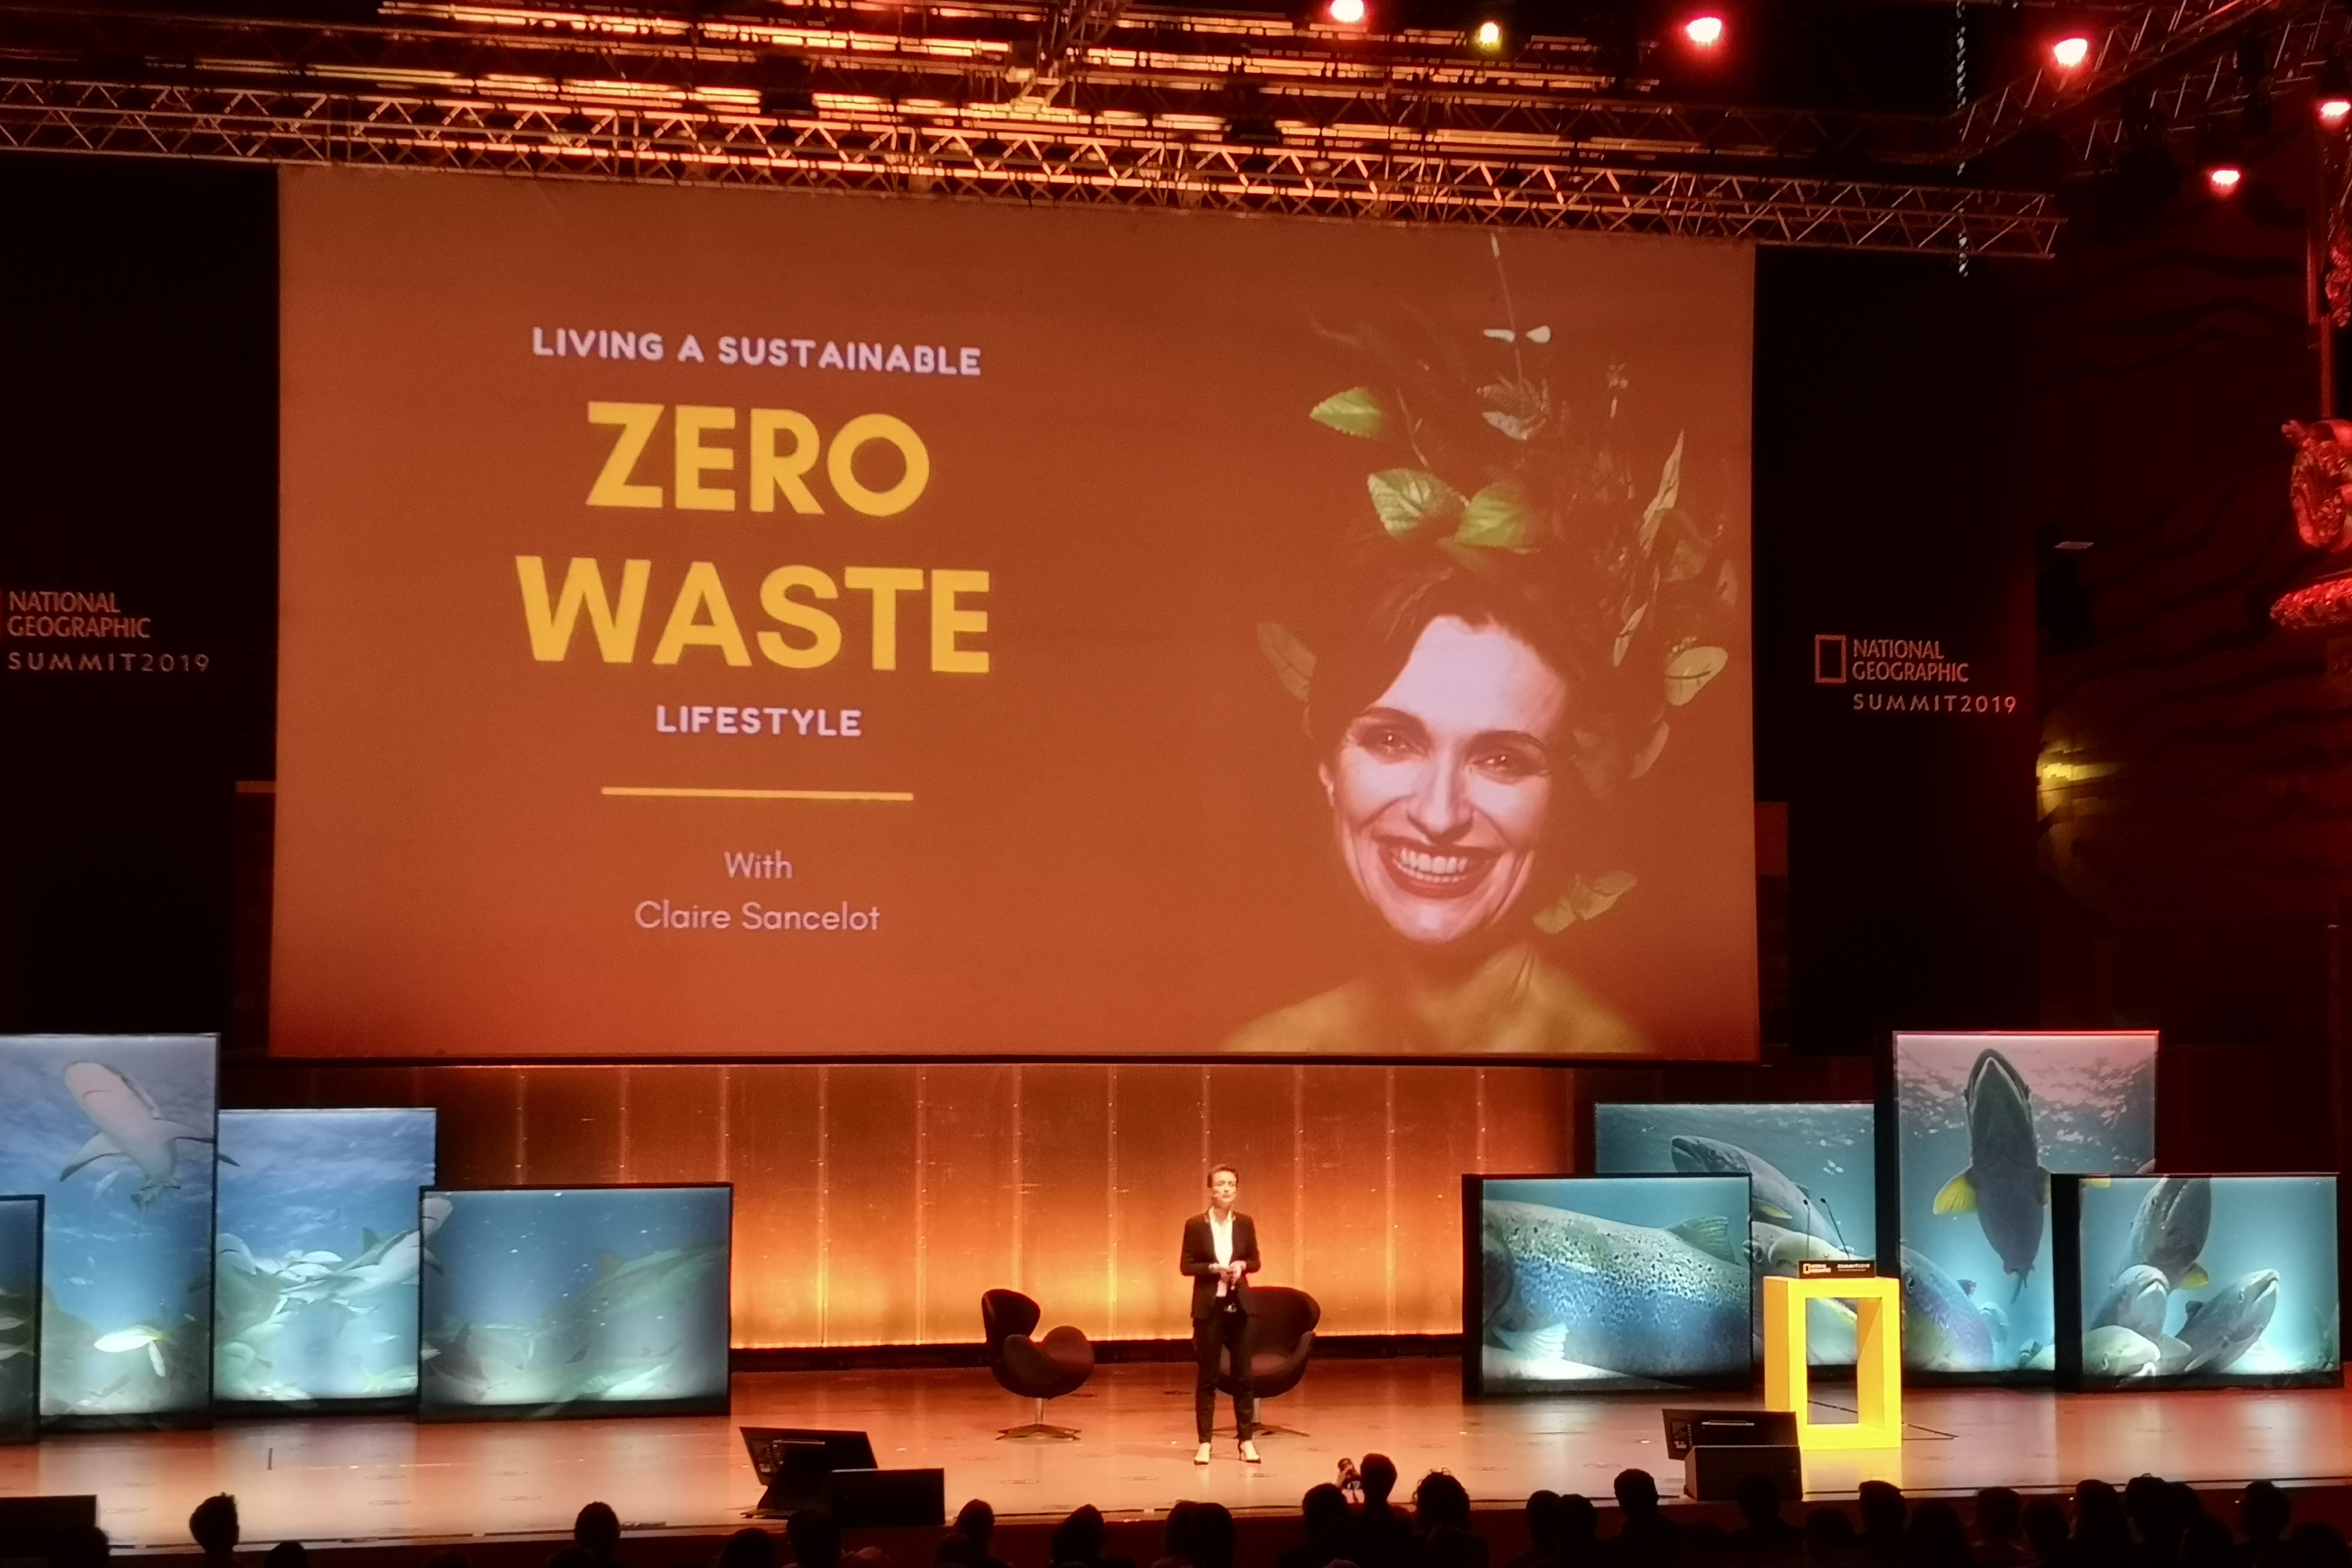 Claire Sancelot explicou como diminuir os resíduos do dia-a-dia. Fotografia: Mariana Miranda.